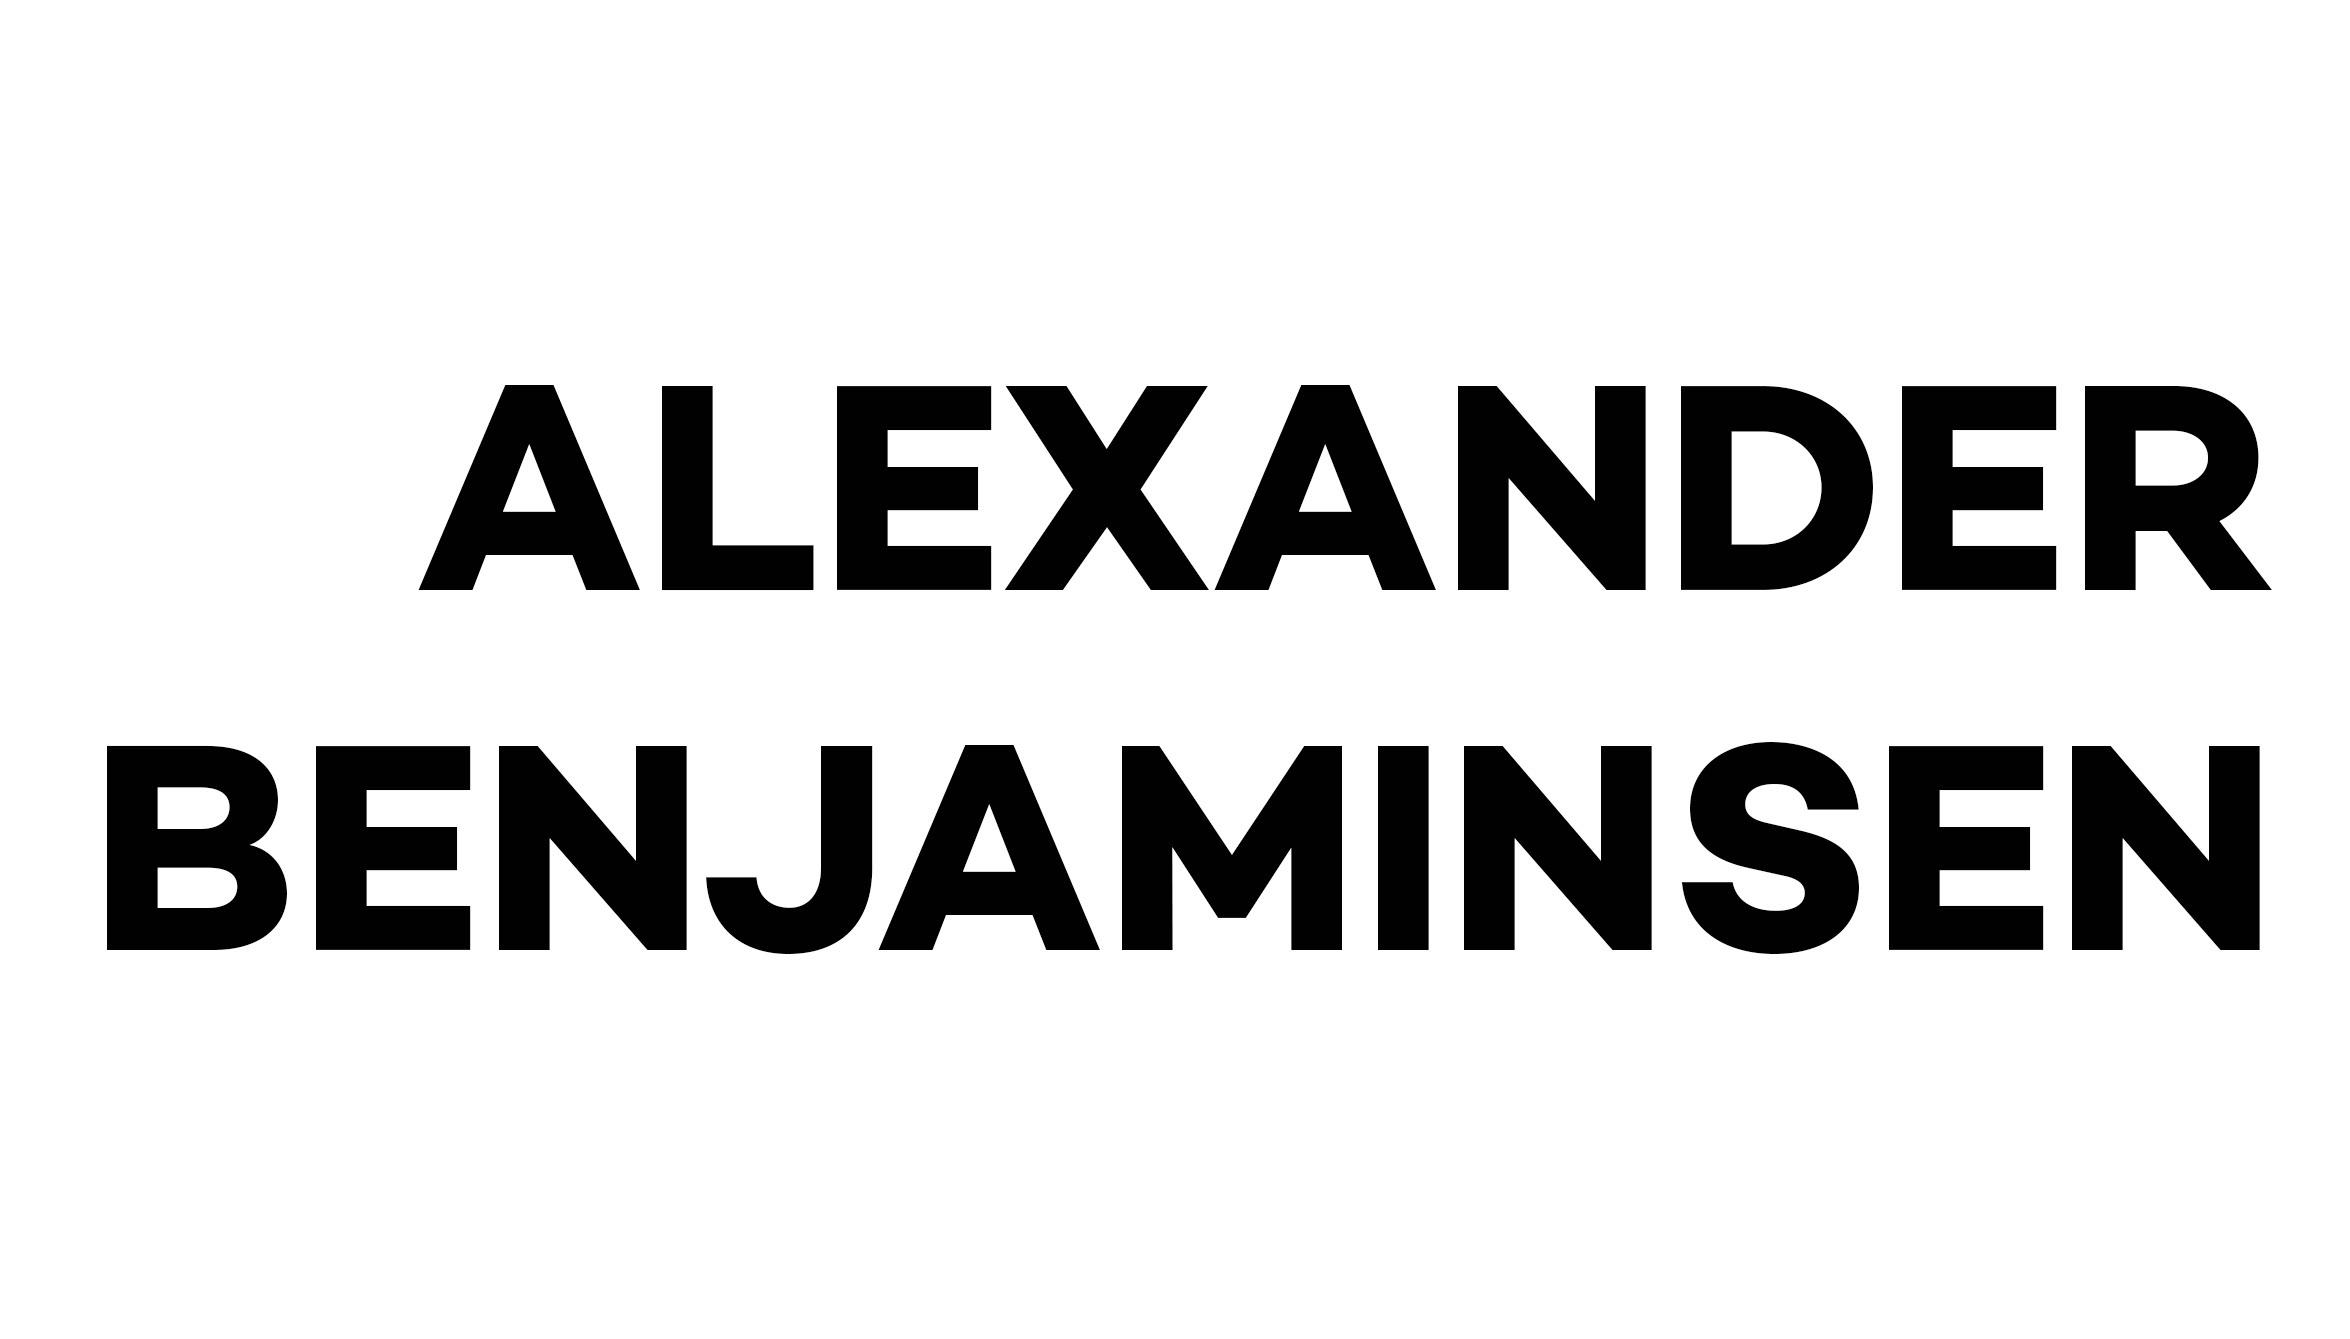 alexander benjaminsen